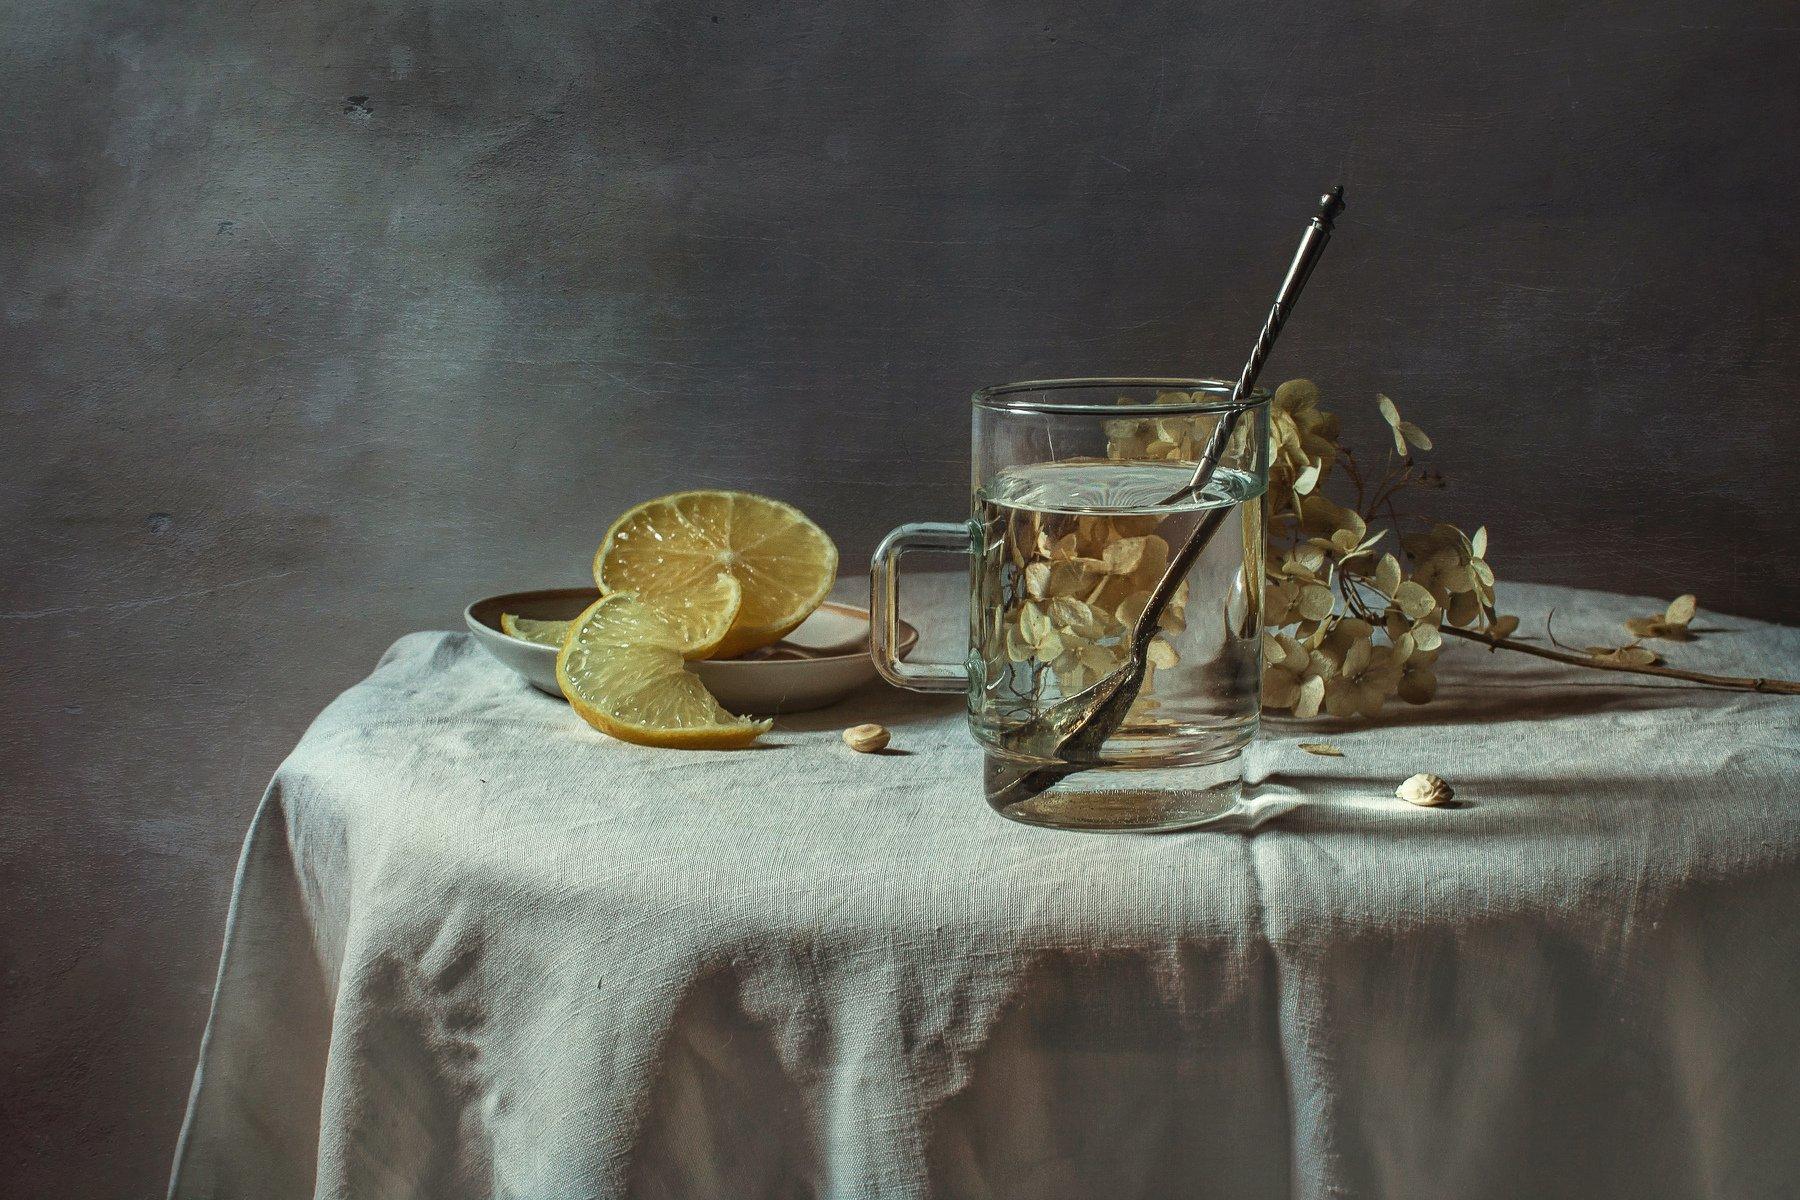 натюрморт, стекло, лимон, Анна Петина